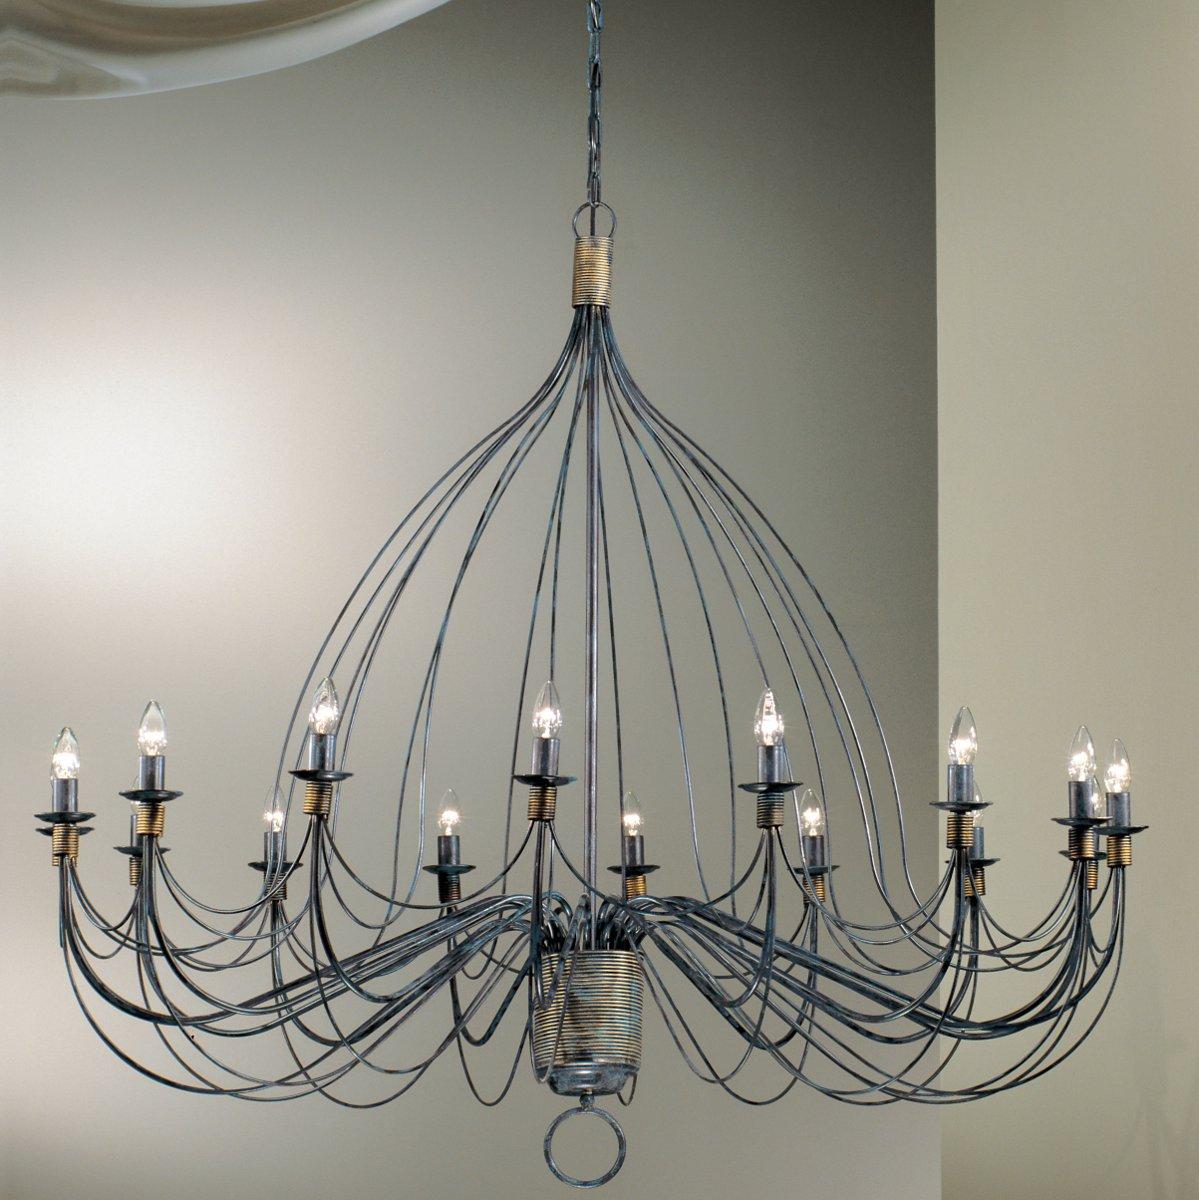 rustikaler eisen kronleuchter mit 16 lichtquellen von hans k gl wohnlicht. Black Bedroom Furniture Sets. Home Design Ideas